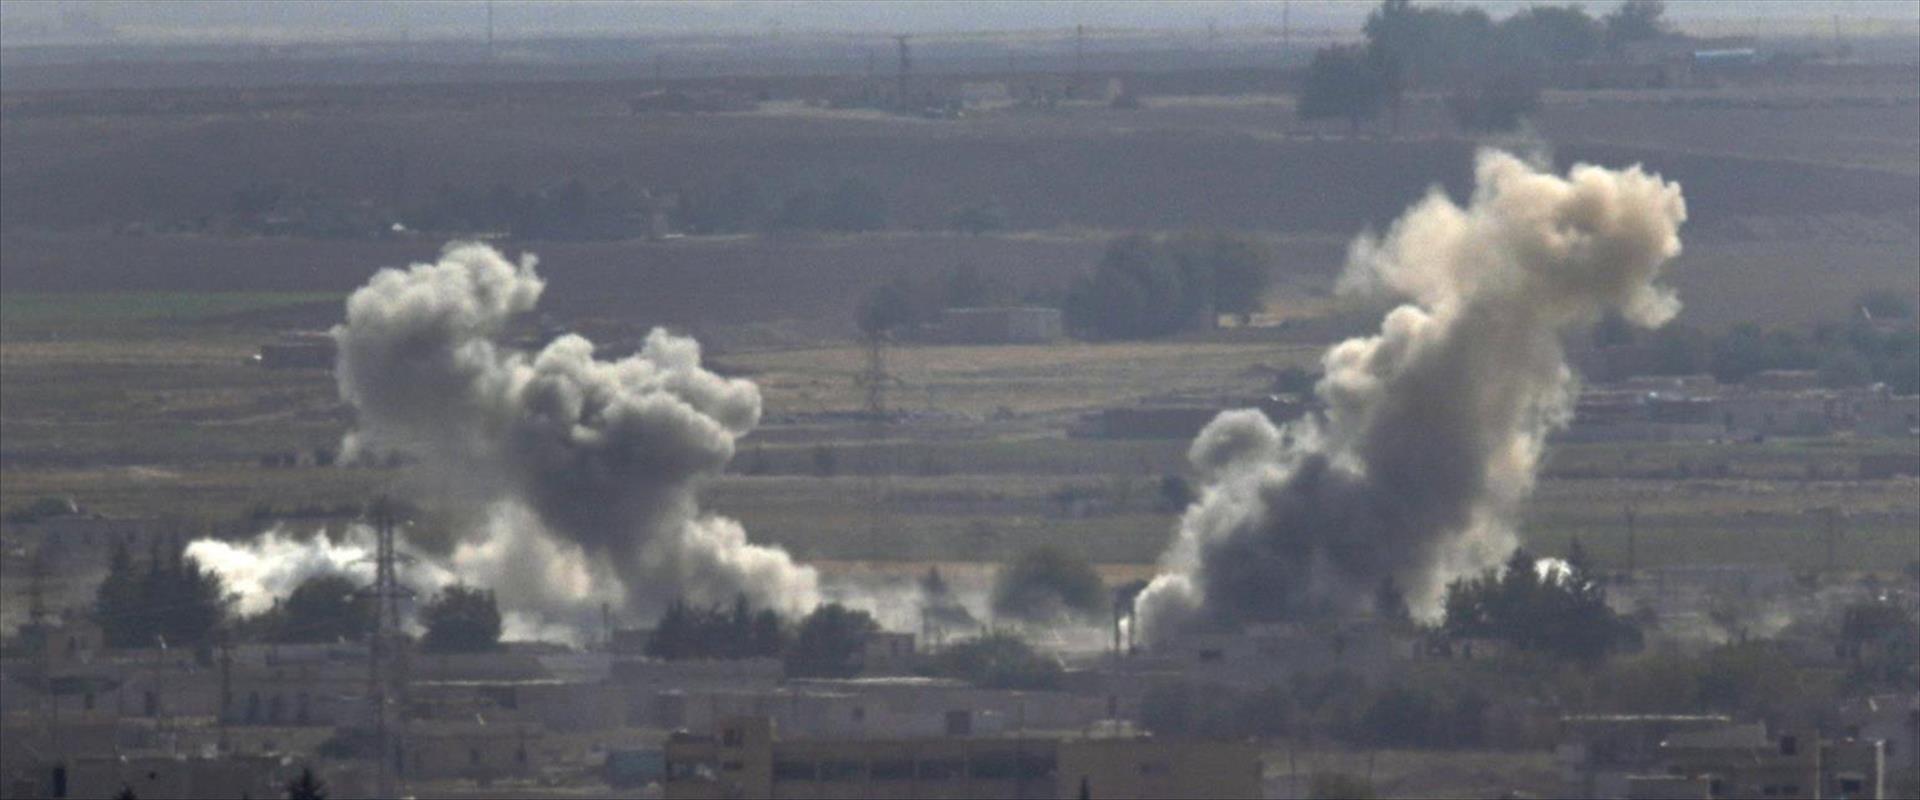 תקיפה טורקית בסוריה